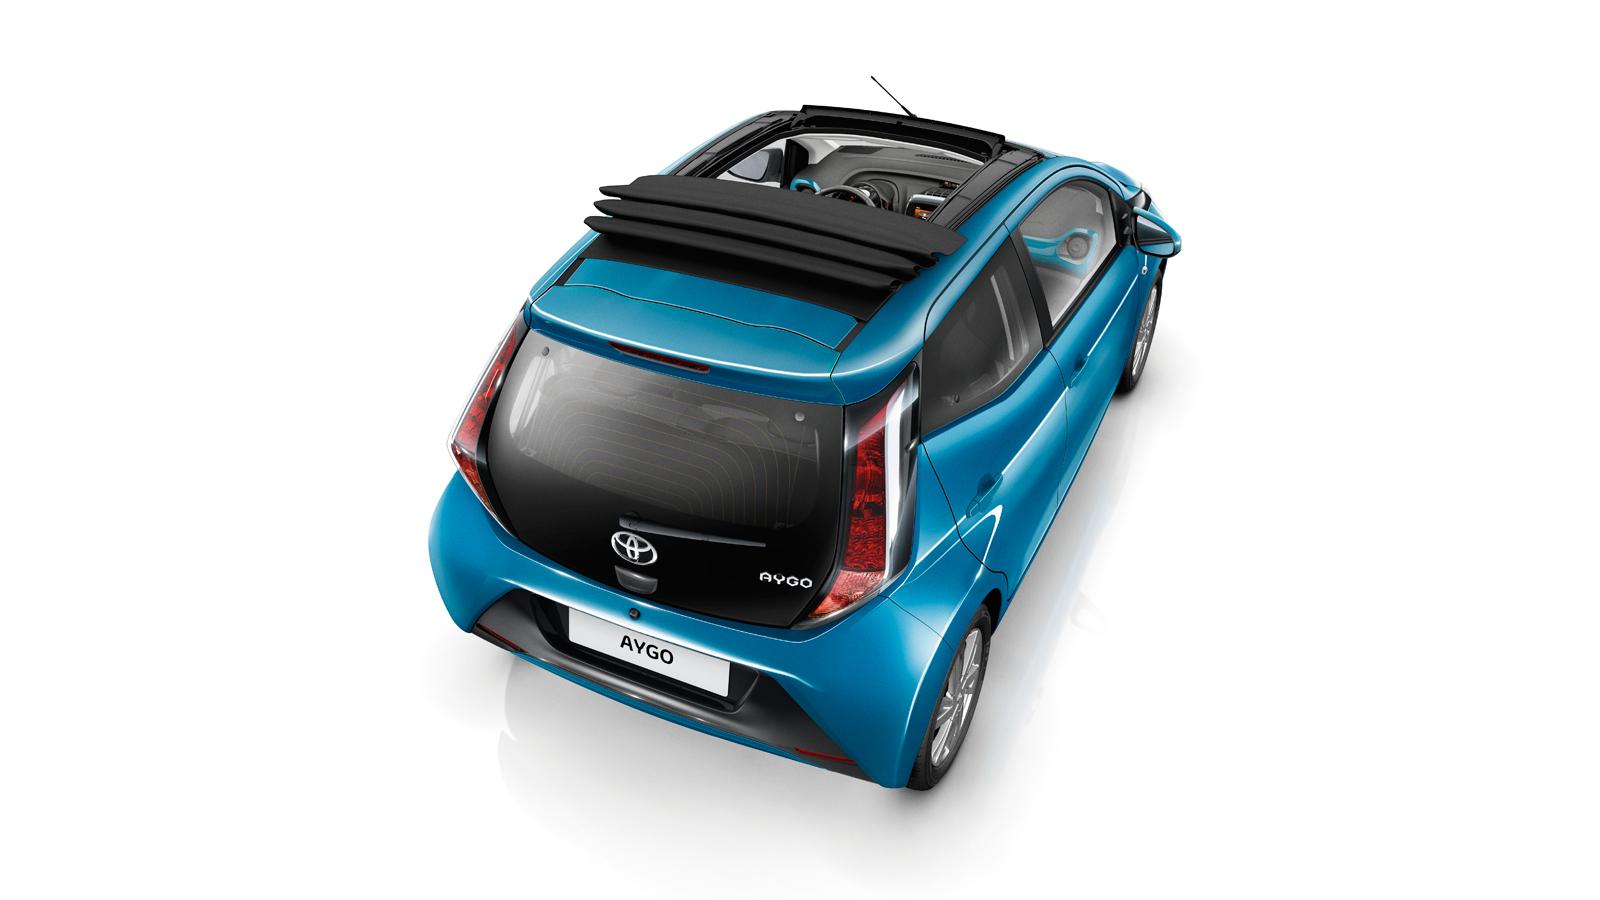 toyota aygo x cellence lille bil sp kket med udstyr. Black Bedroom Furniture Sets. Home Design Ideas